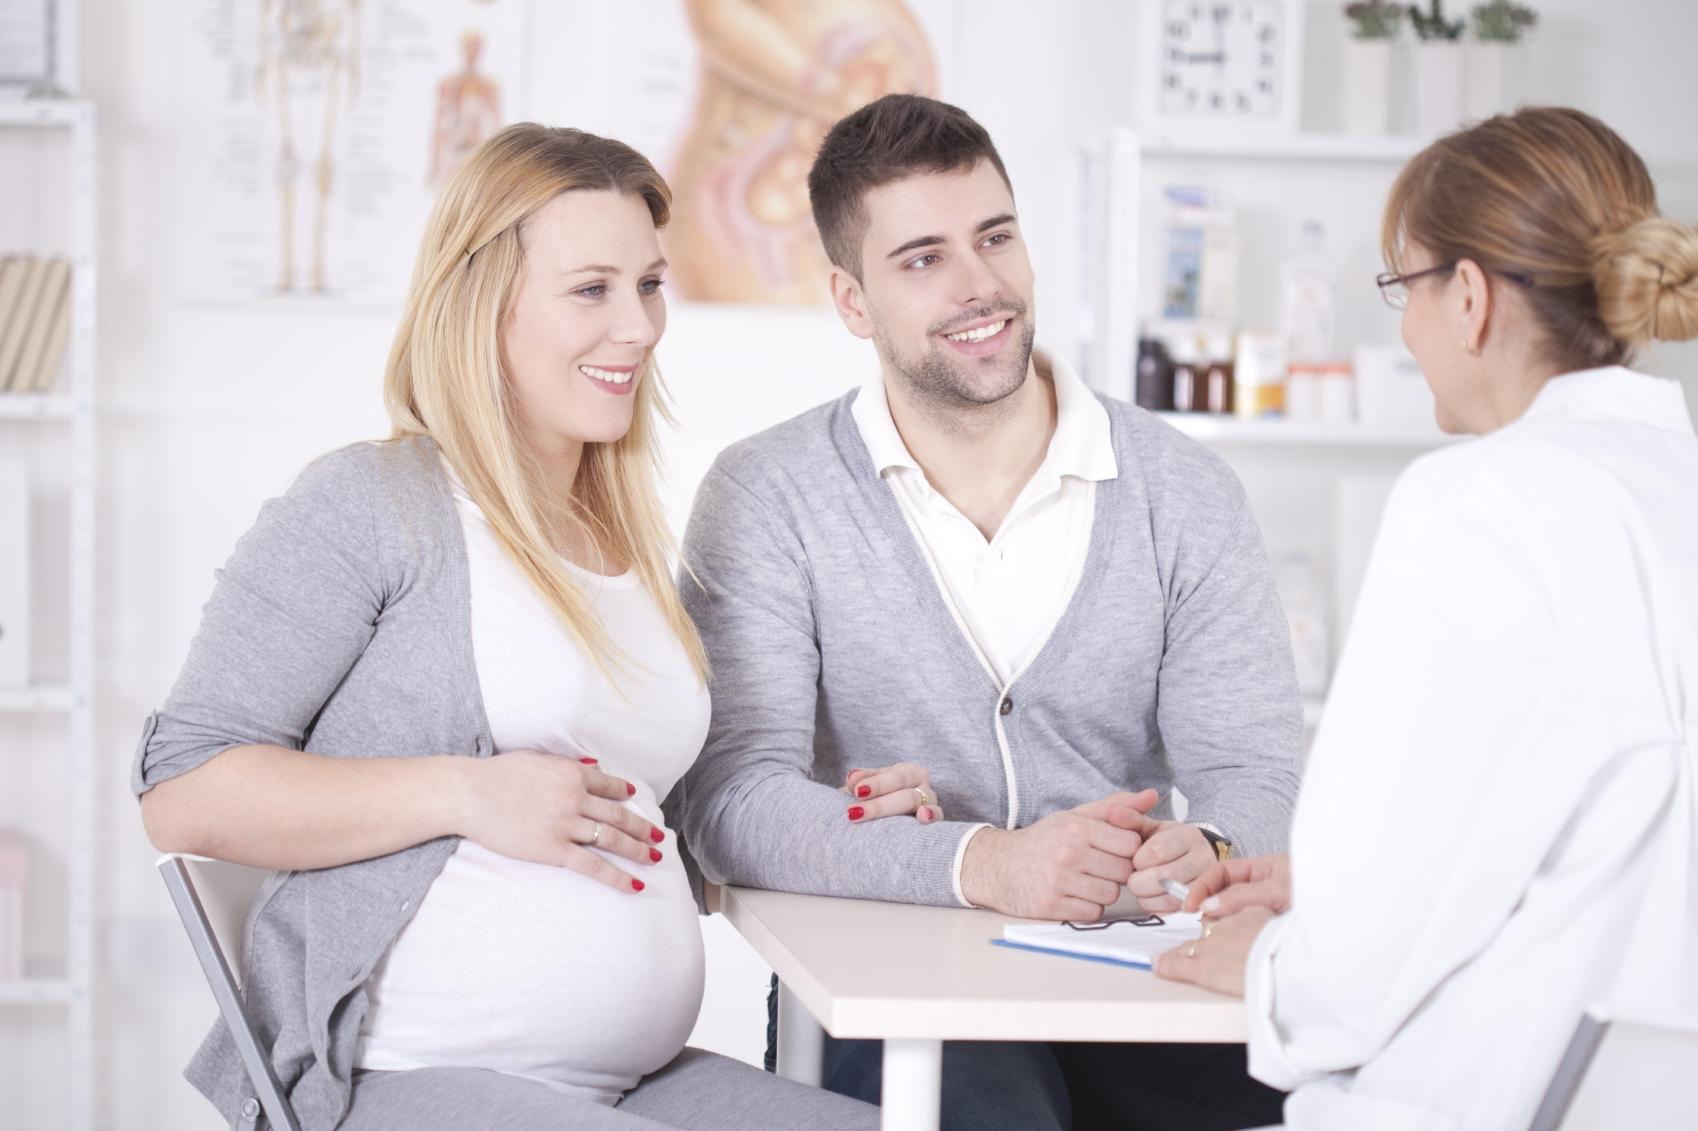 Poród rodzinny - dlaczego warto?